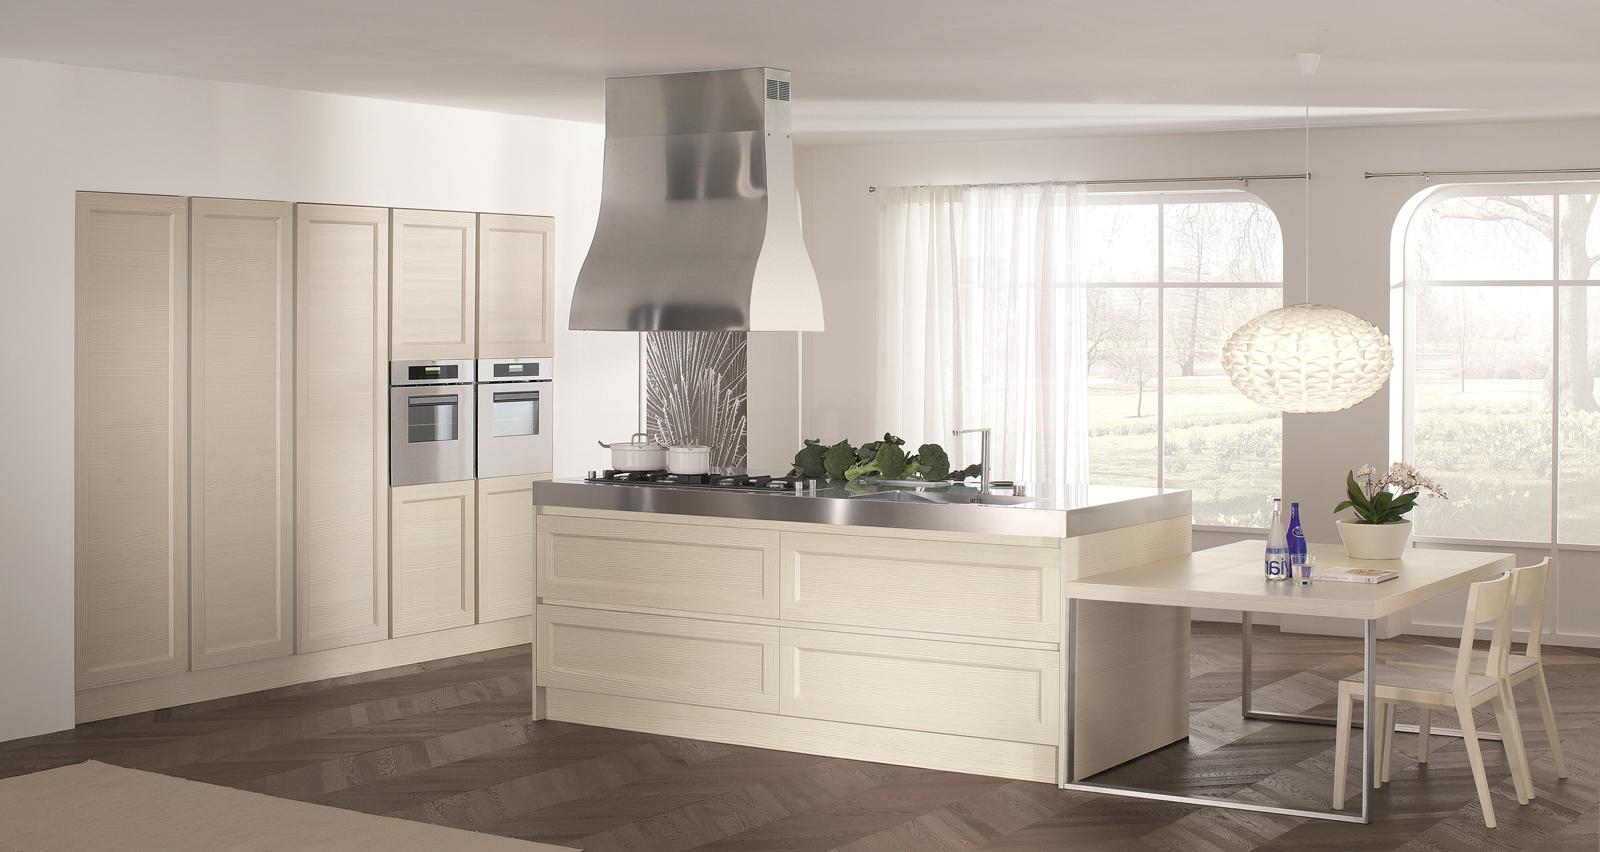 Cucina Con Isola In Legno Scorrevole Interior Design : Cucina glamour di doimo design romano giacomazzi